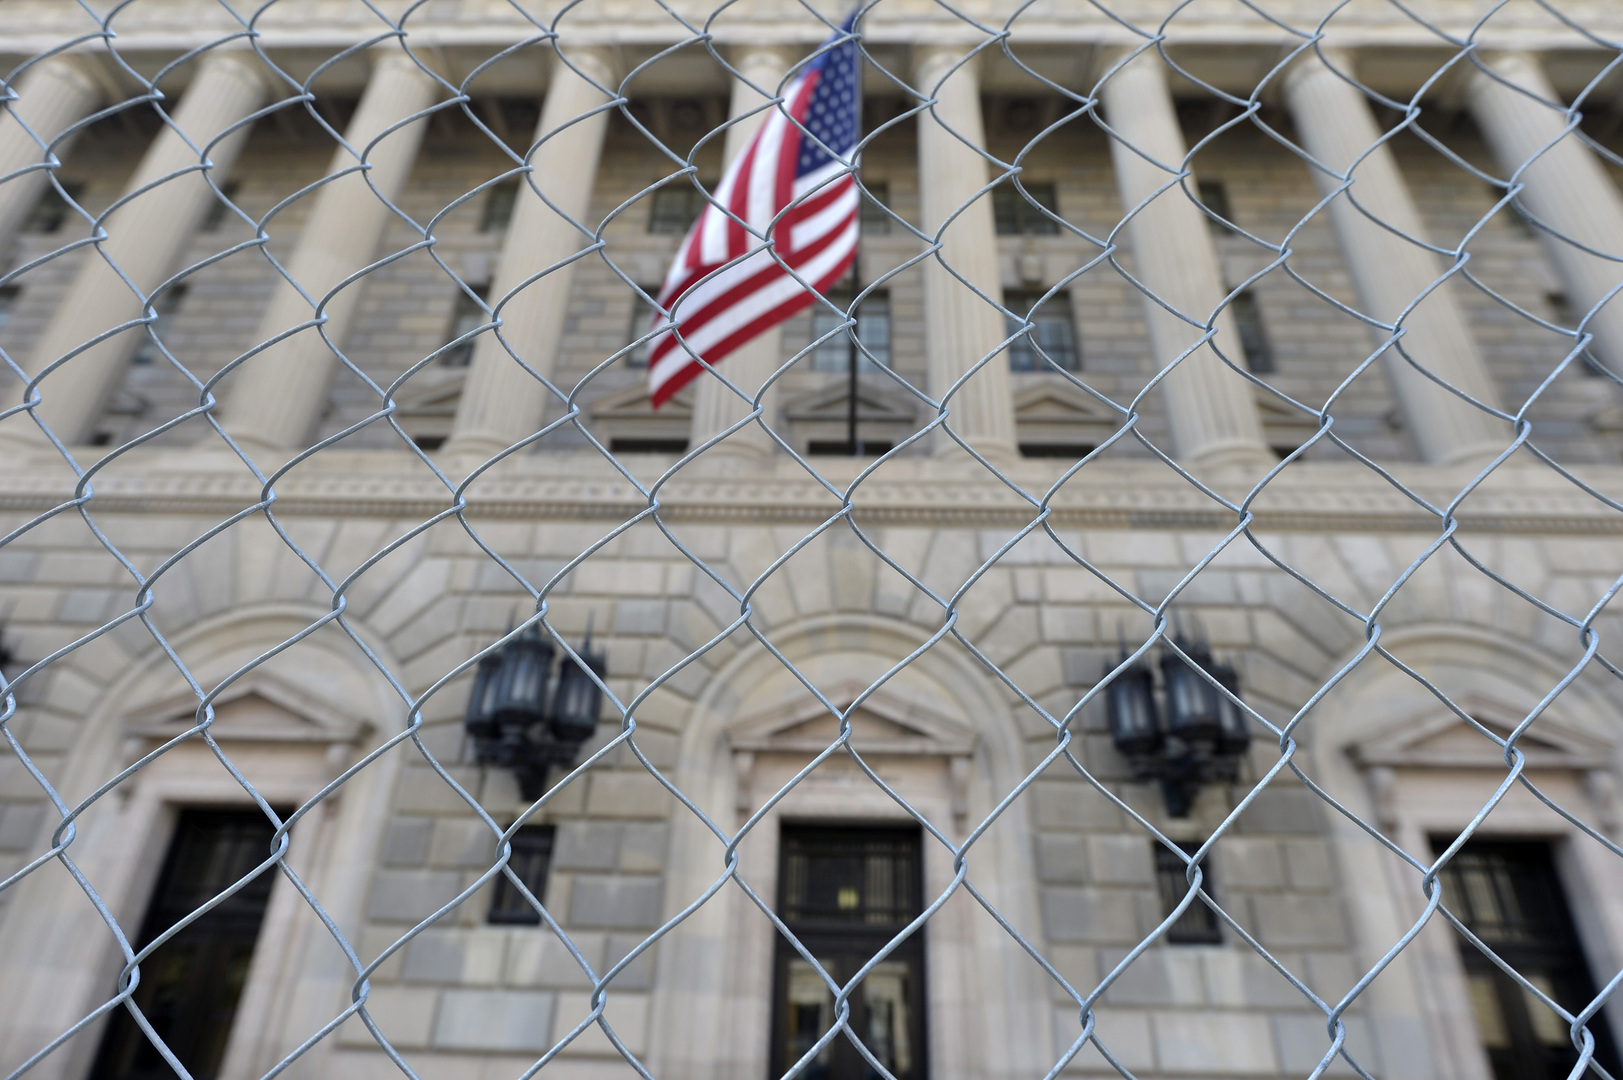 واشنطن تفرض عقوبات على 9 أشخاص ومؤسستين في روسيا على خلفية حادثة